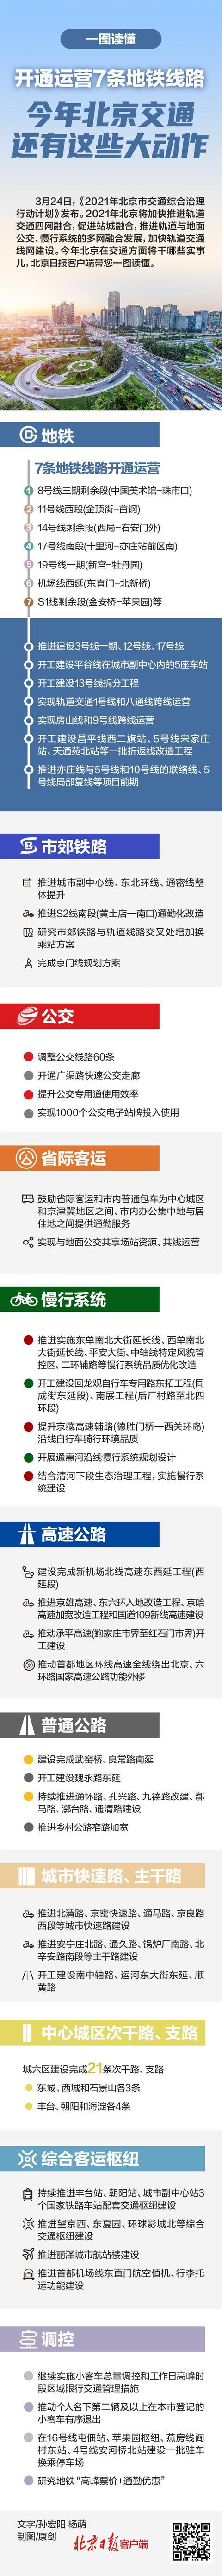 北京地铁图最新